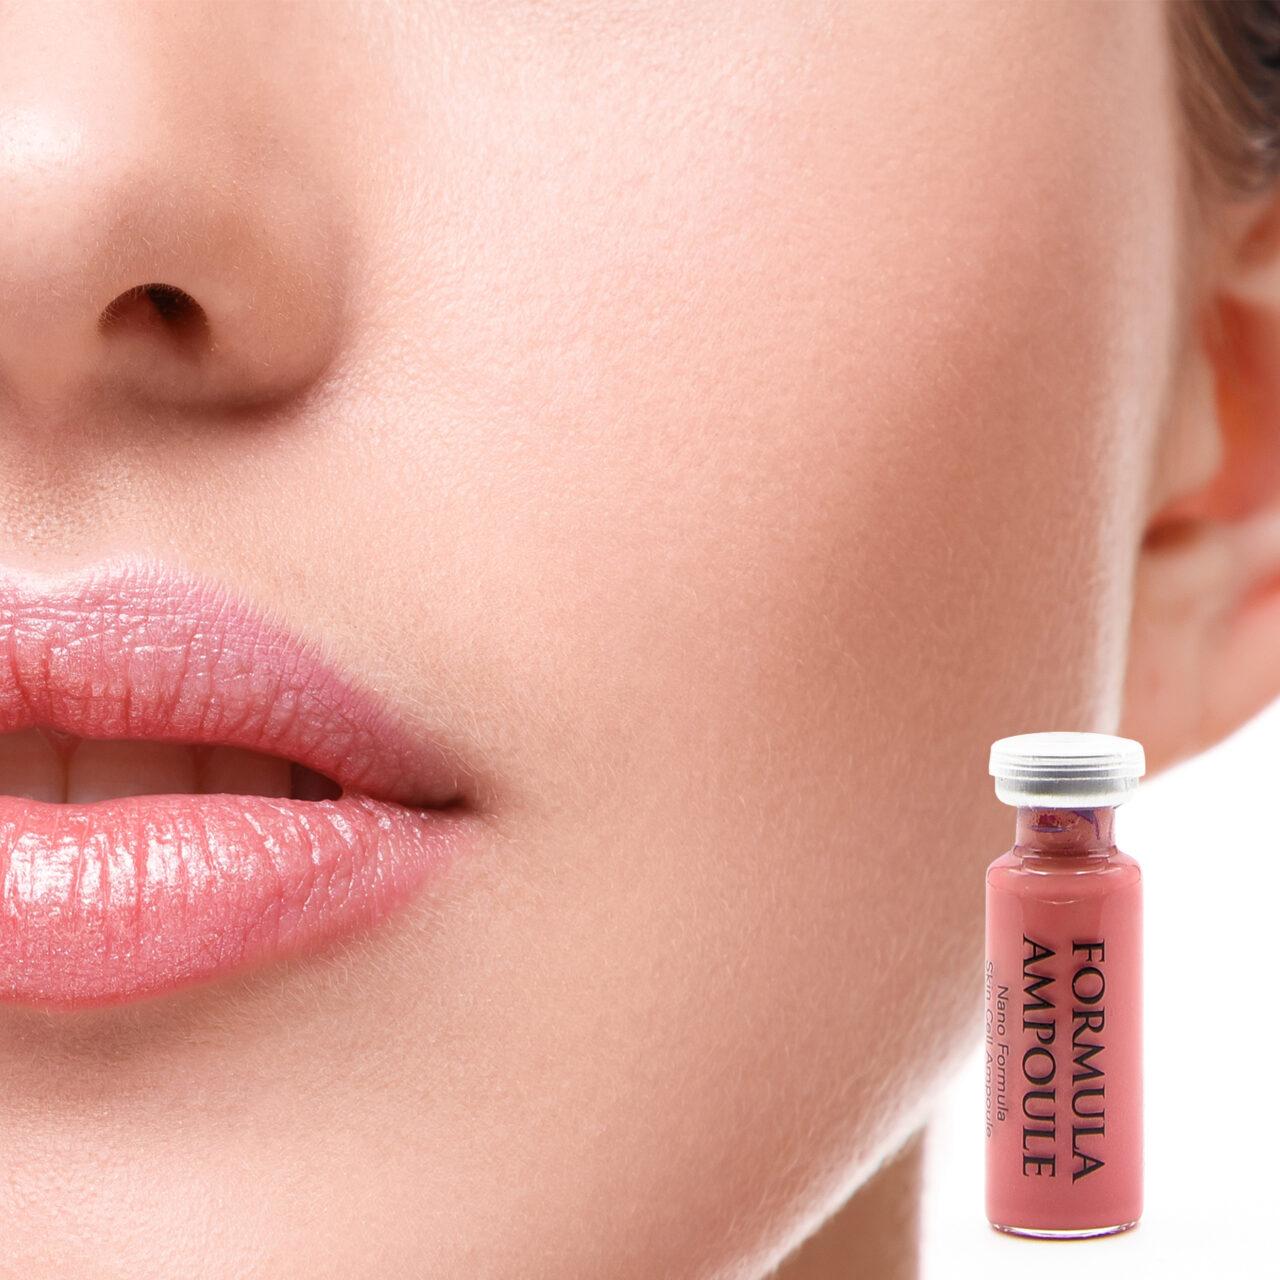 seminar_Lipp_Plumpee_swiss_cosmetic